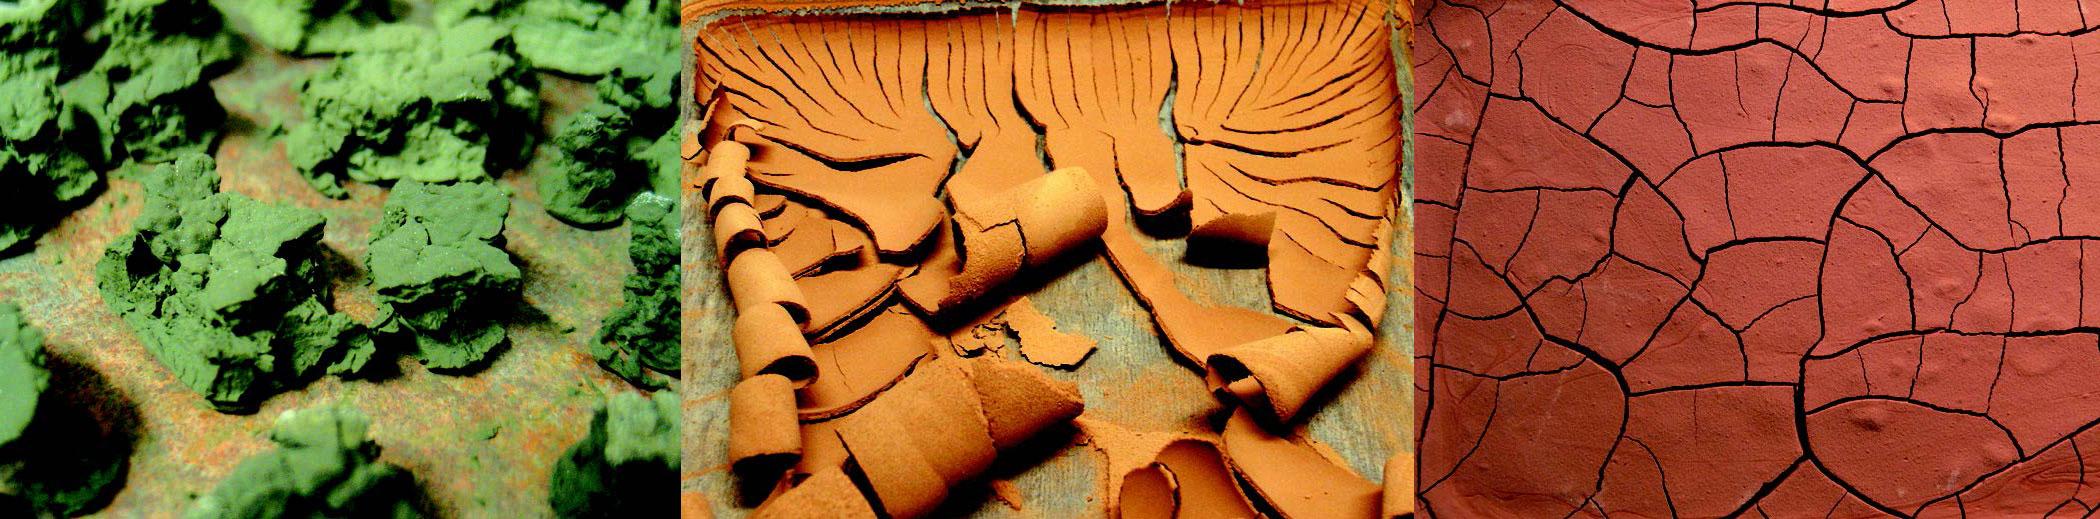 Fissuration des argiles kaolinite et smectite - amàco